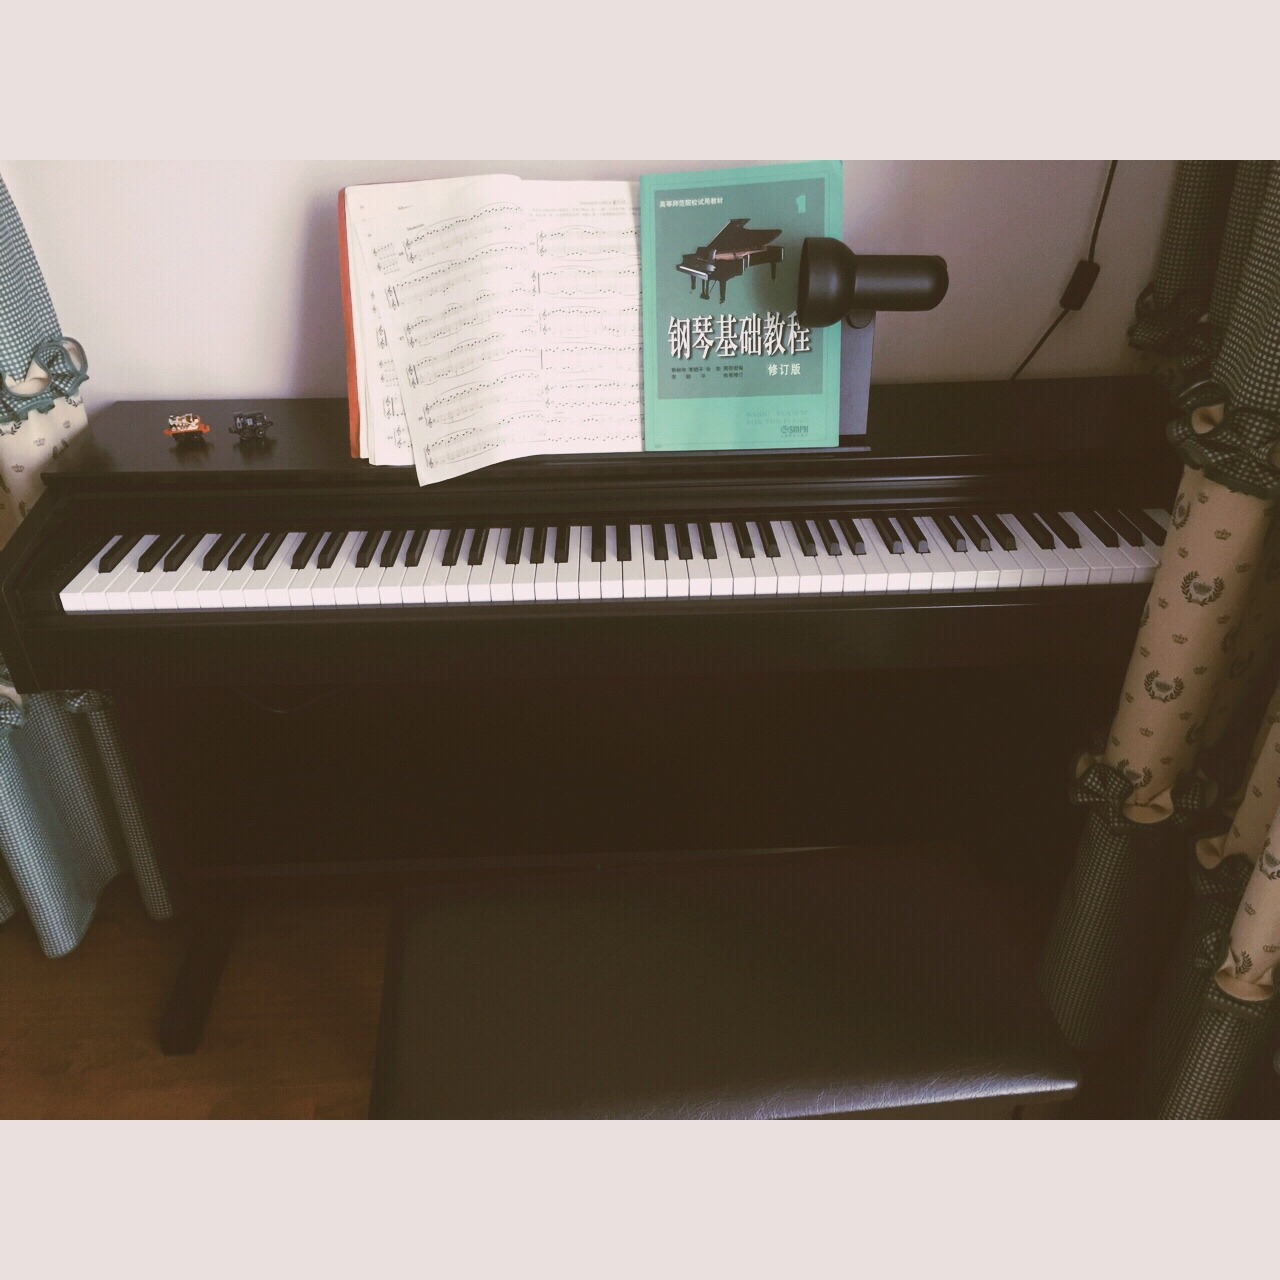 电钢琴,钢琴